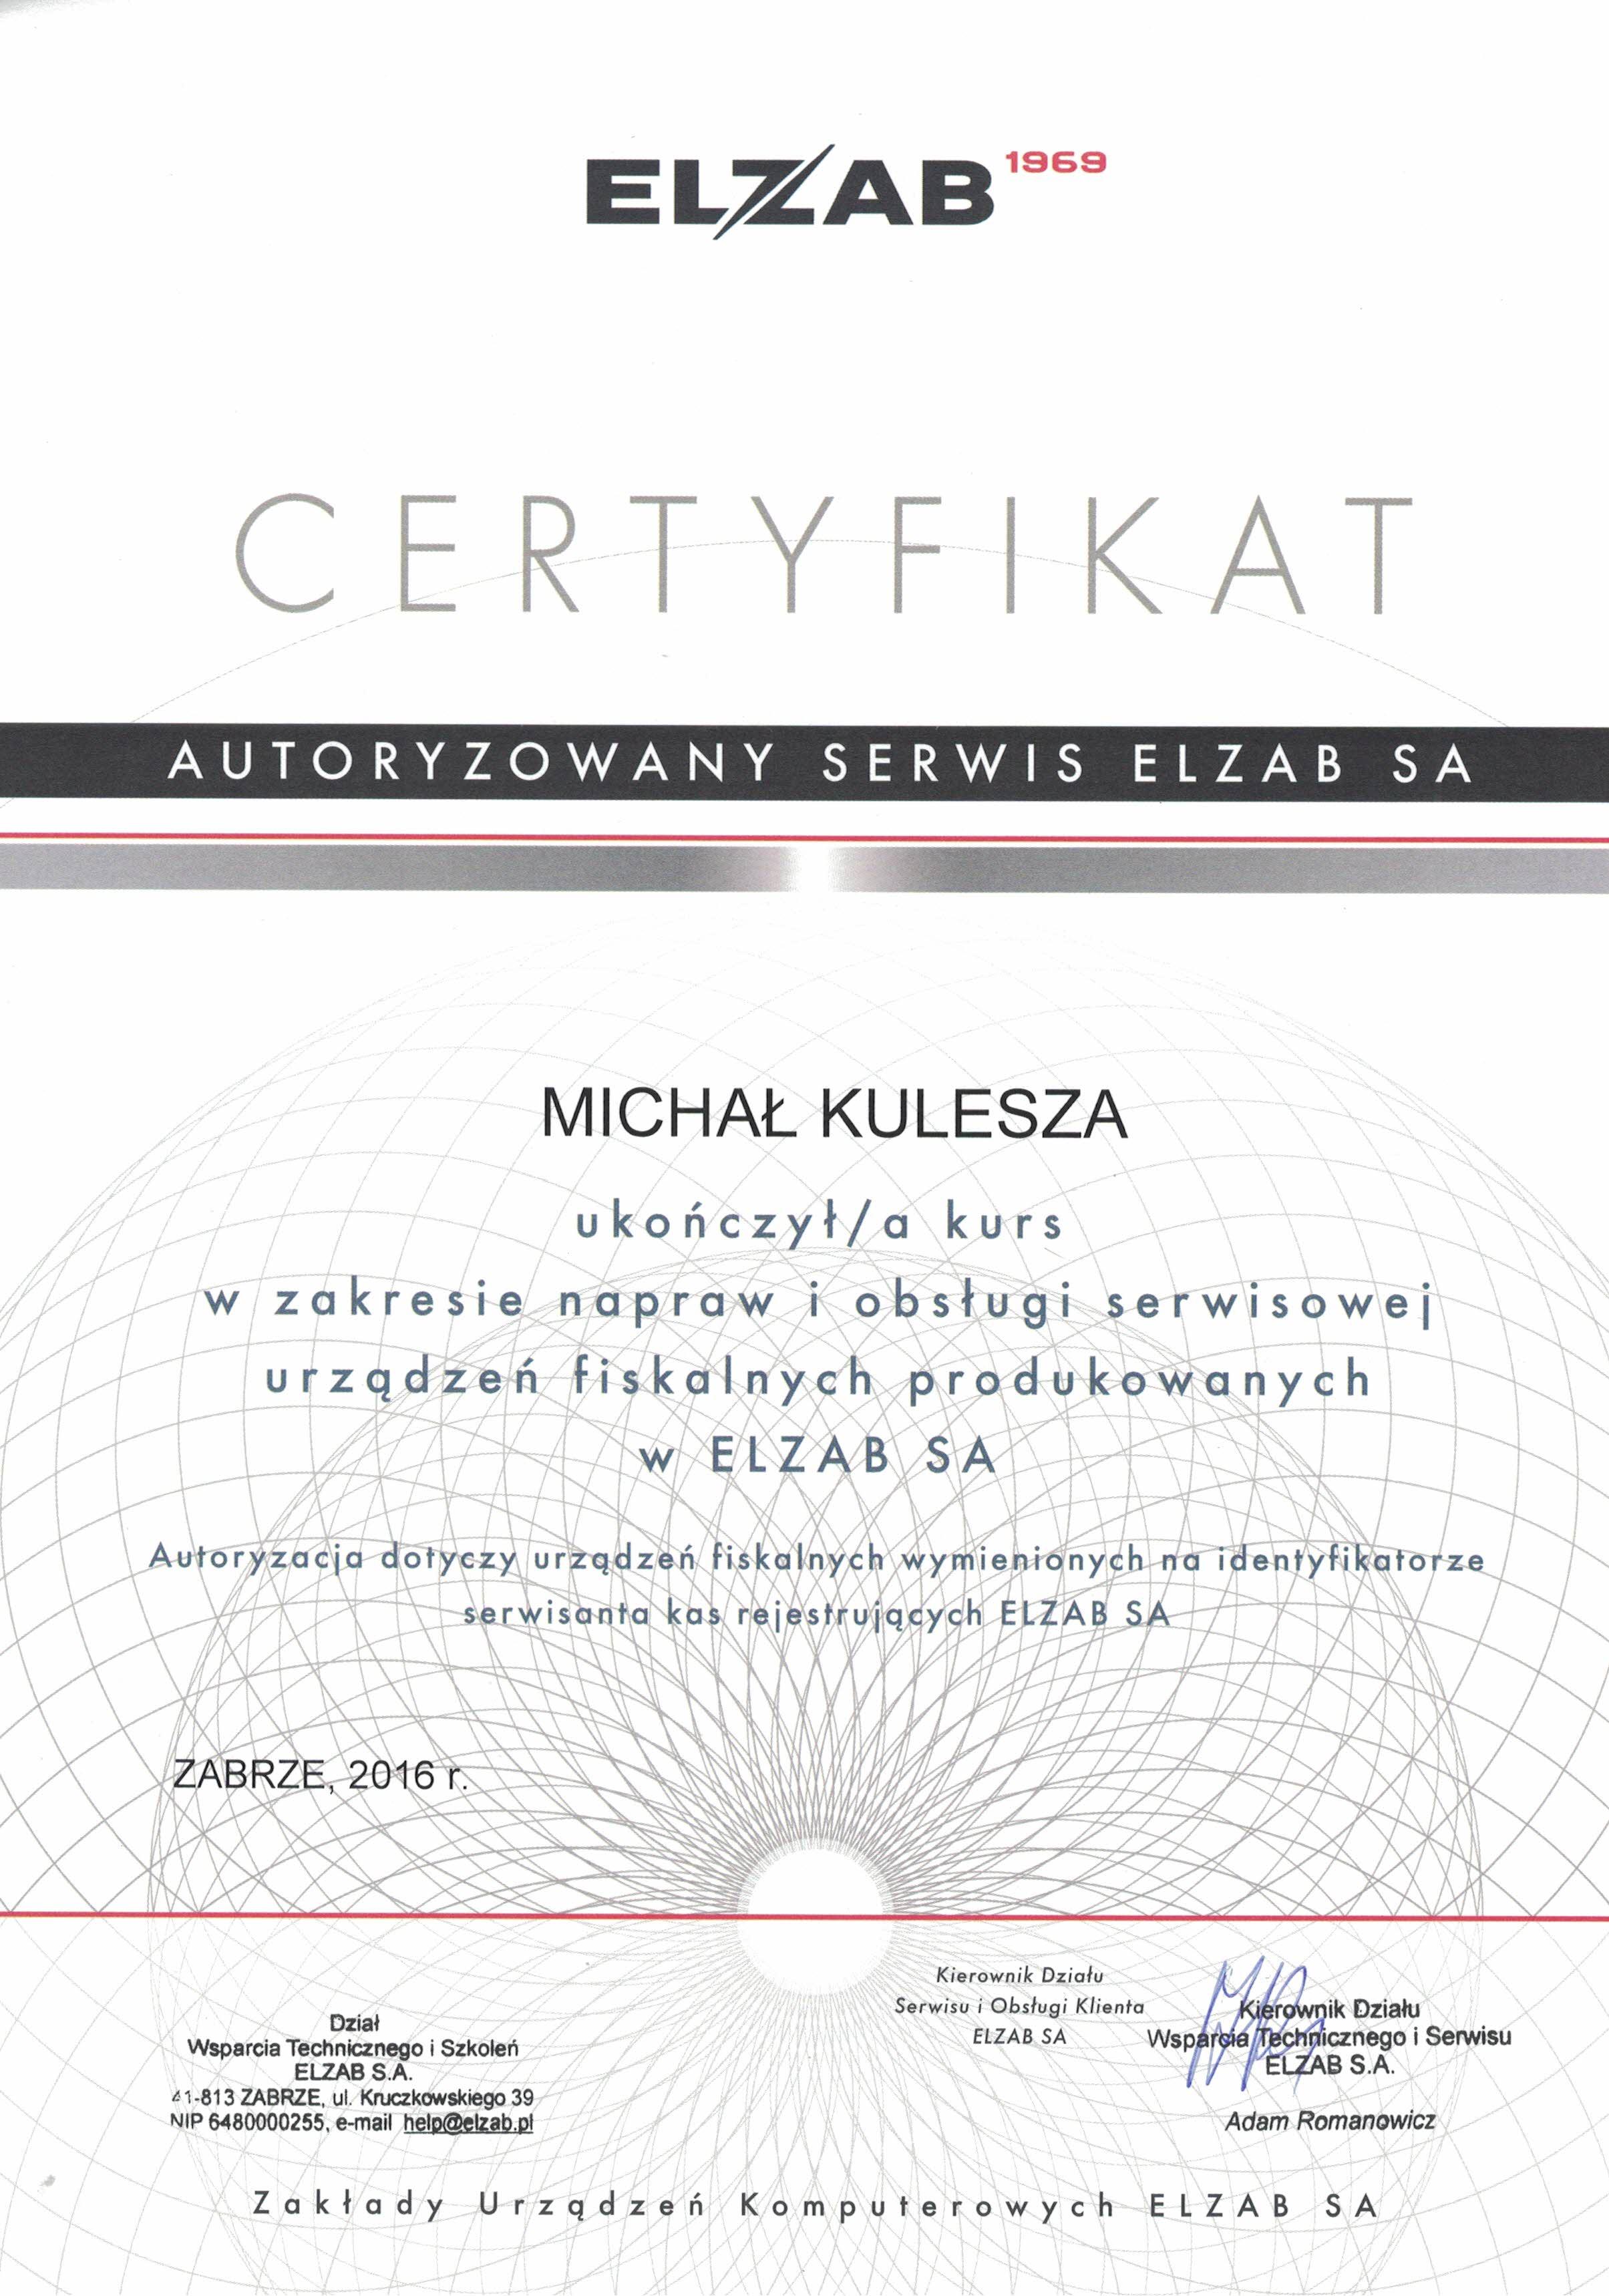 ELZAB Certyfikat